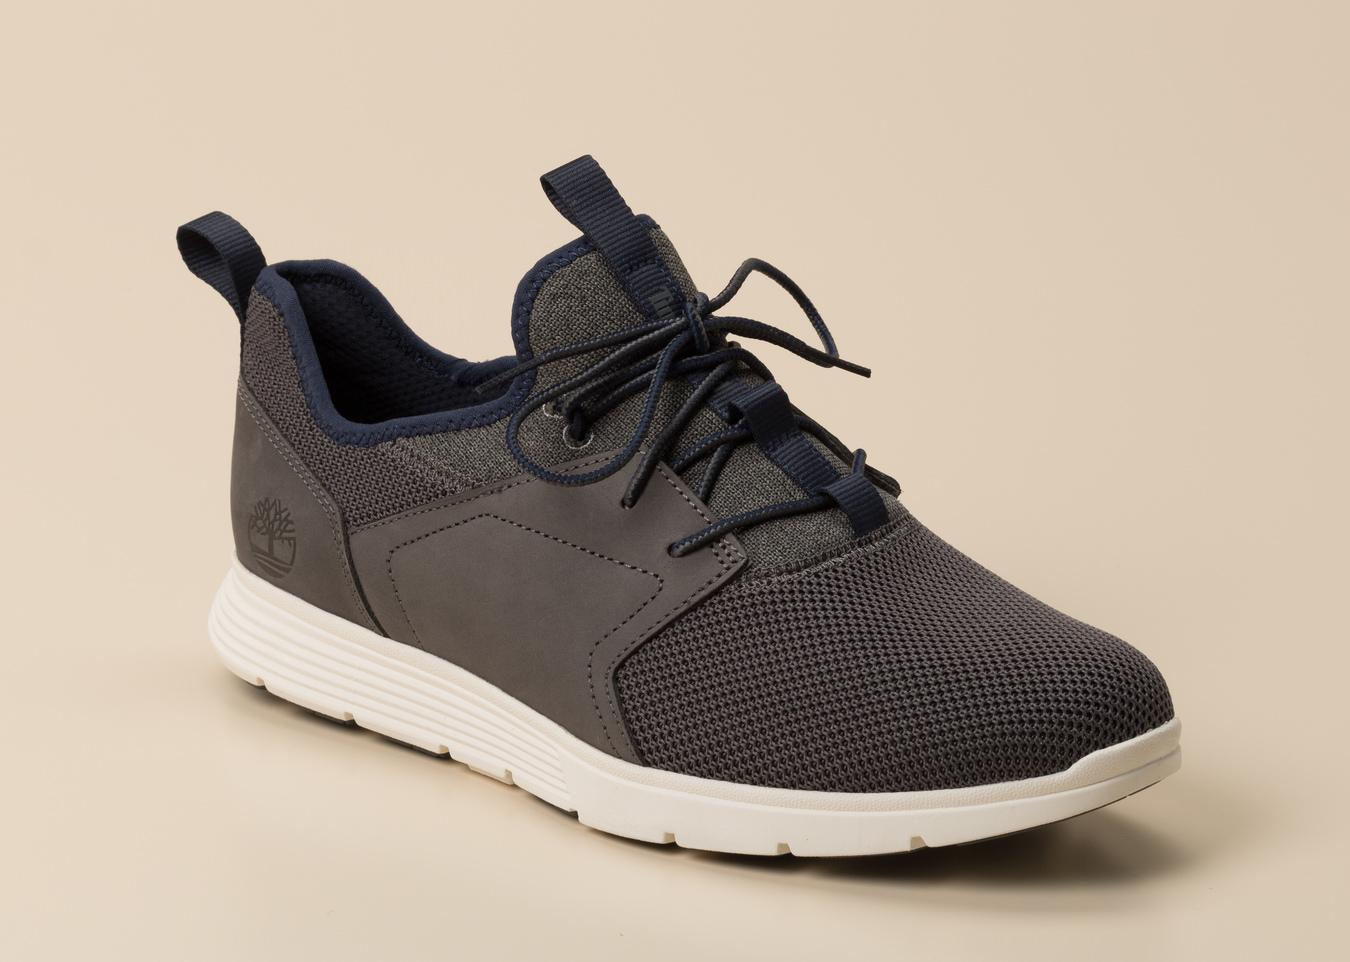 Timberland Sneaker für Herren versandkostenfrei online   ZALANDO